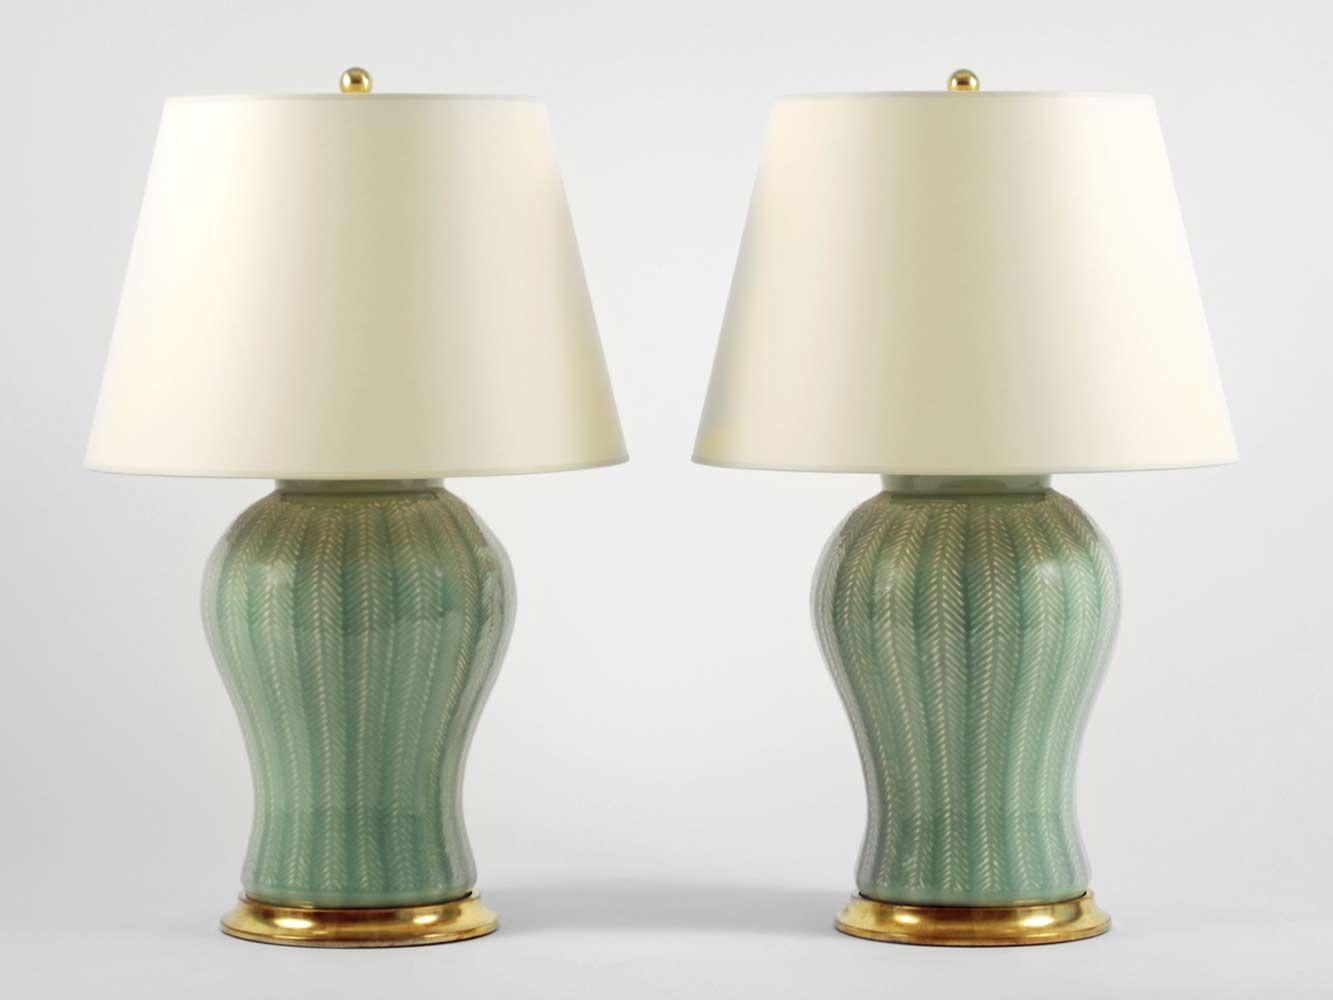 Water Lamps Christopher Spitzmiller Chevron Lamp Standard Duck Egg Glaze 23k